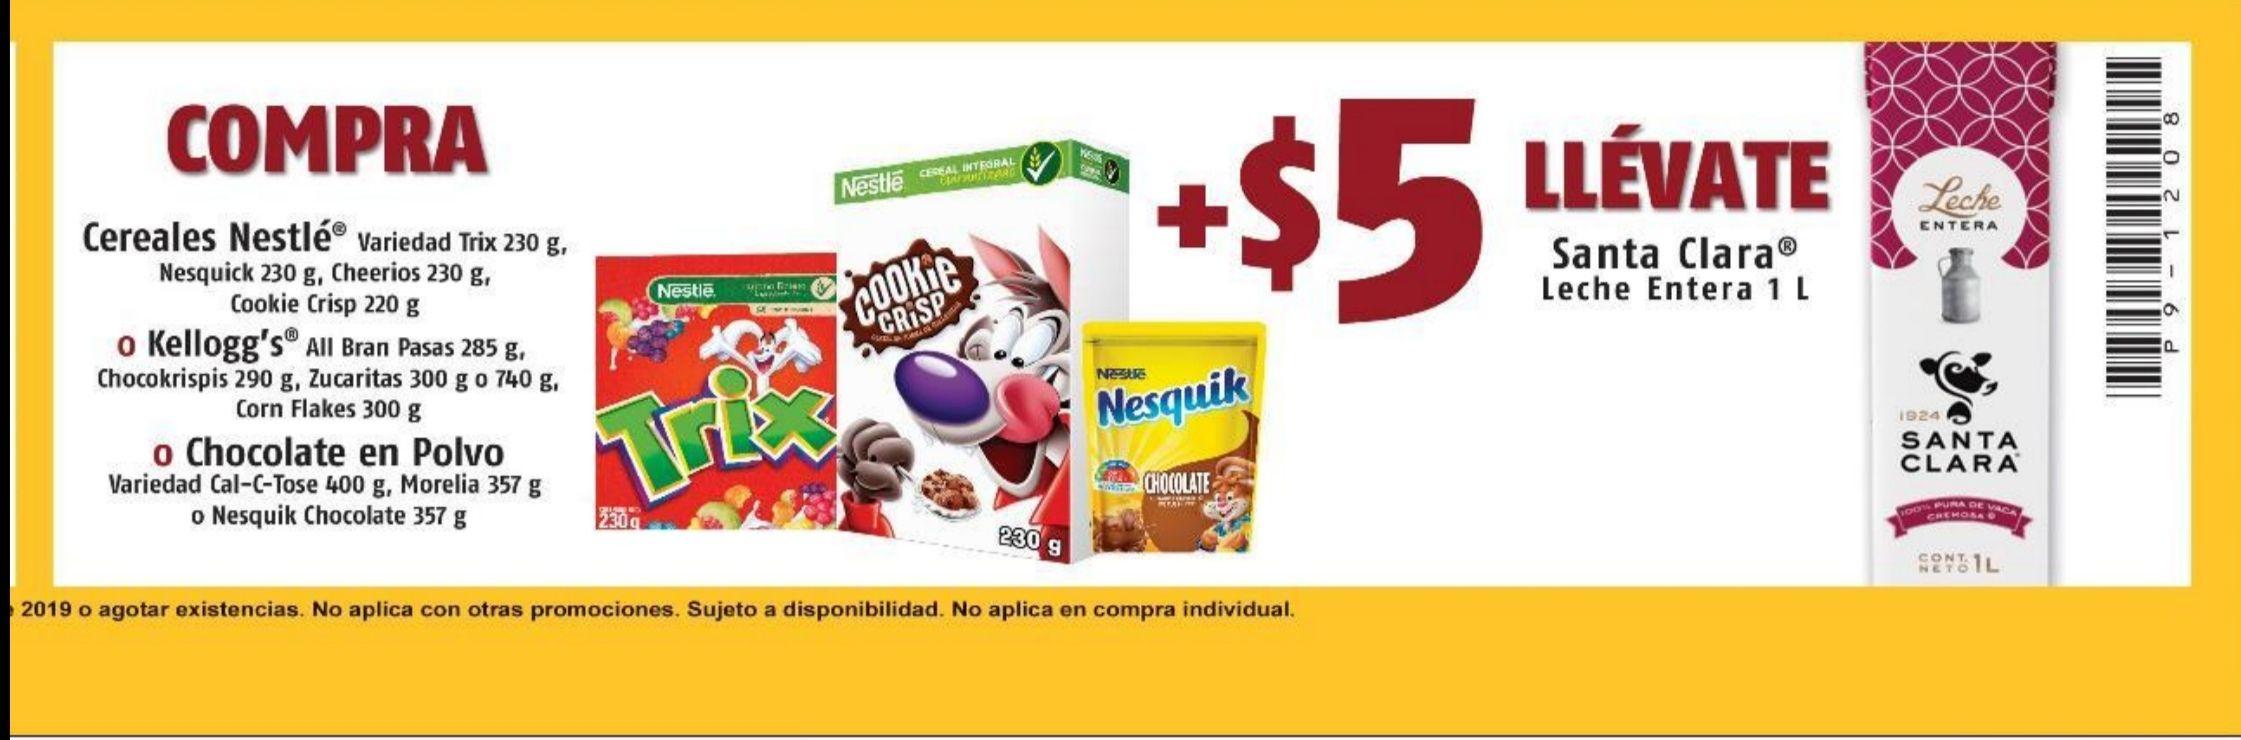 Oxxo: Compra algún cereal mas $5 y llevate una leche Santa Clara